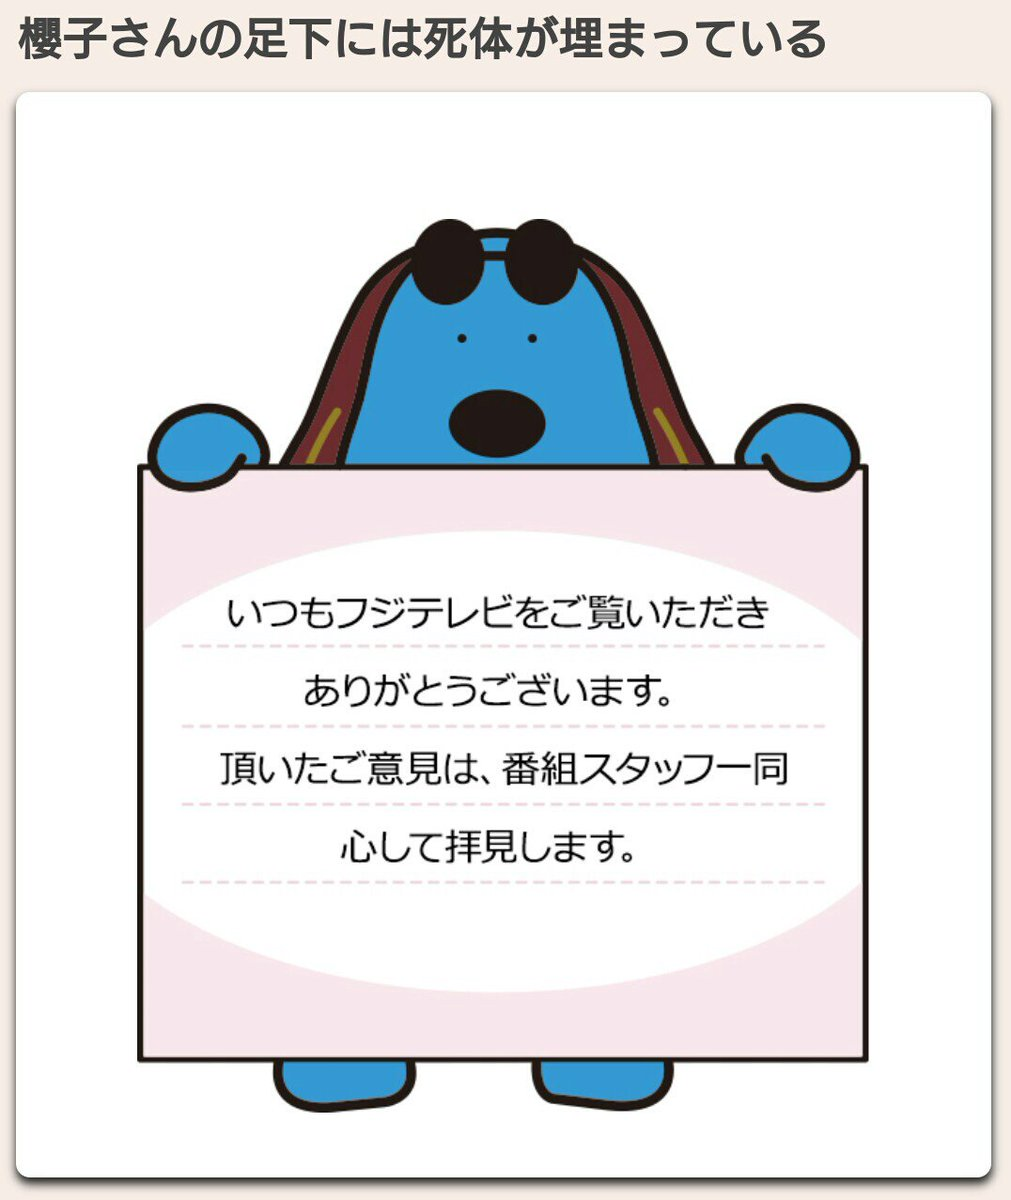 #櫻子さん #藤ヶ谷太輔ただDVD化されると信じて待っているのは心配になり公式HPにドラマ感想とDVD化のお願いをメッセ